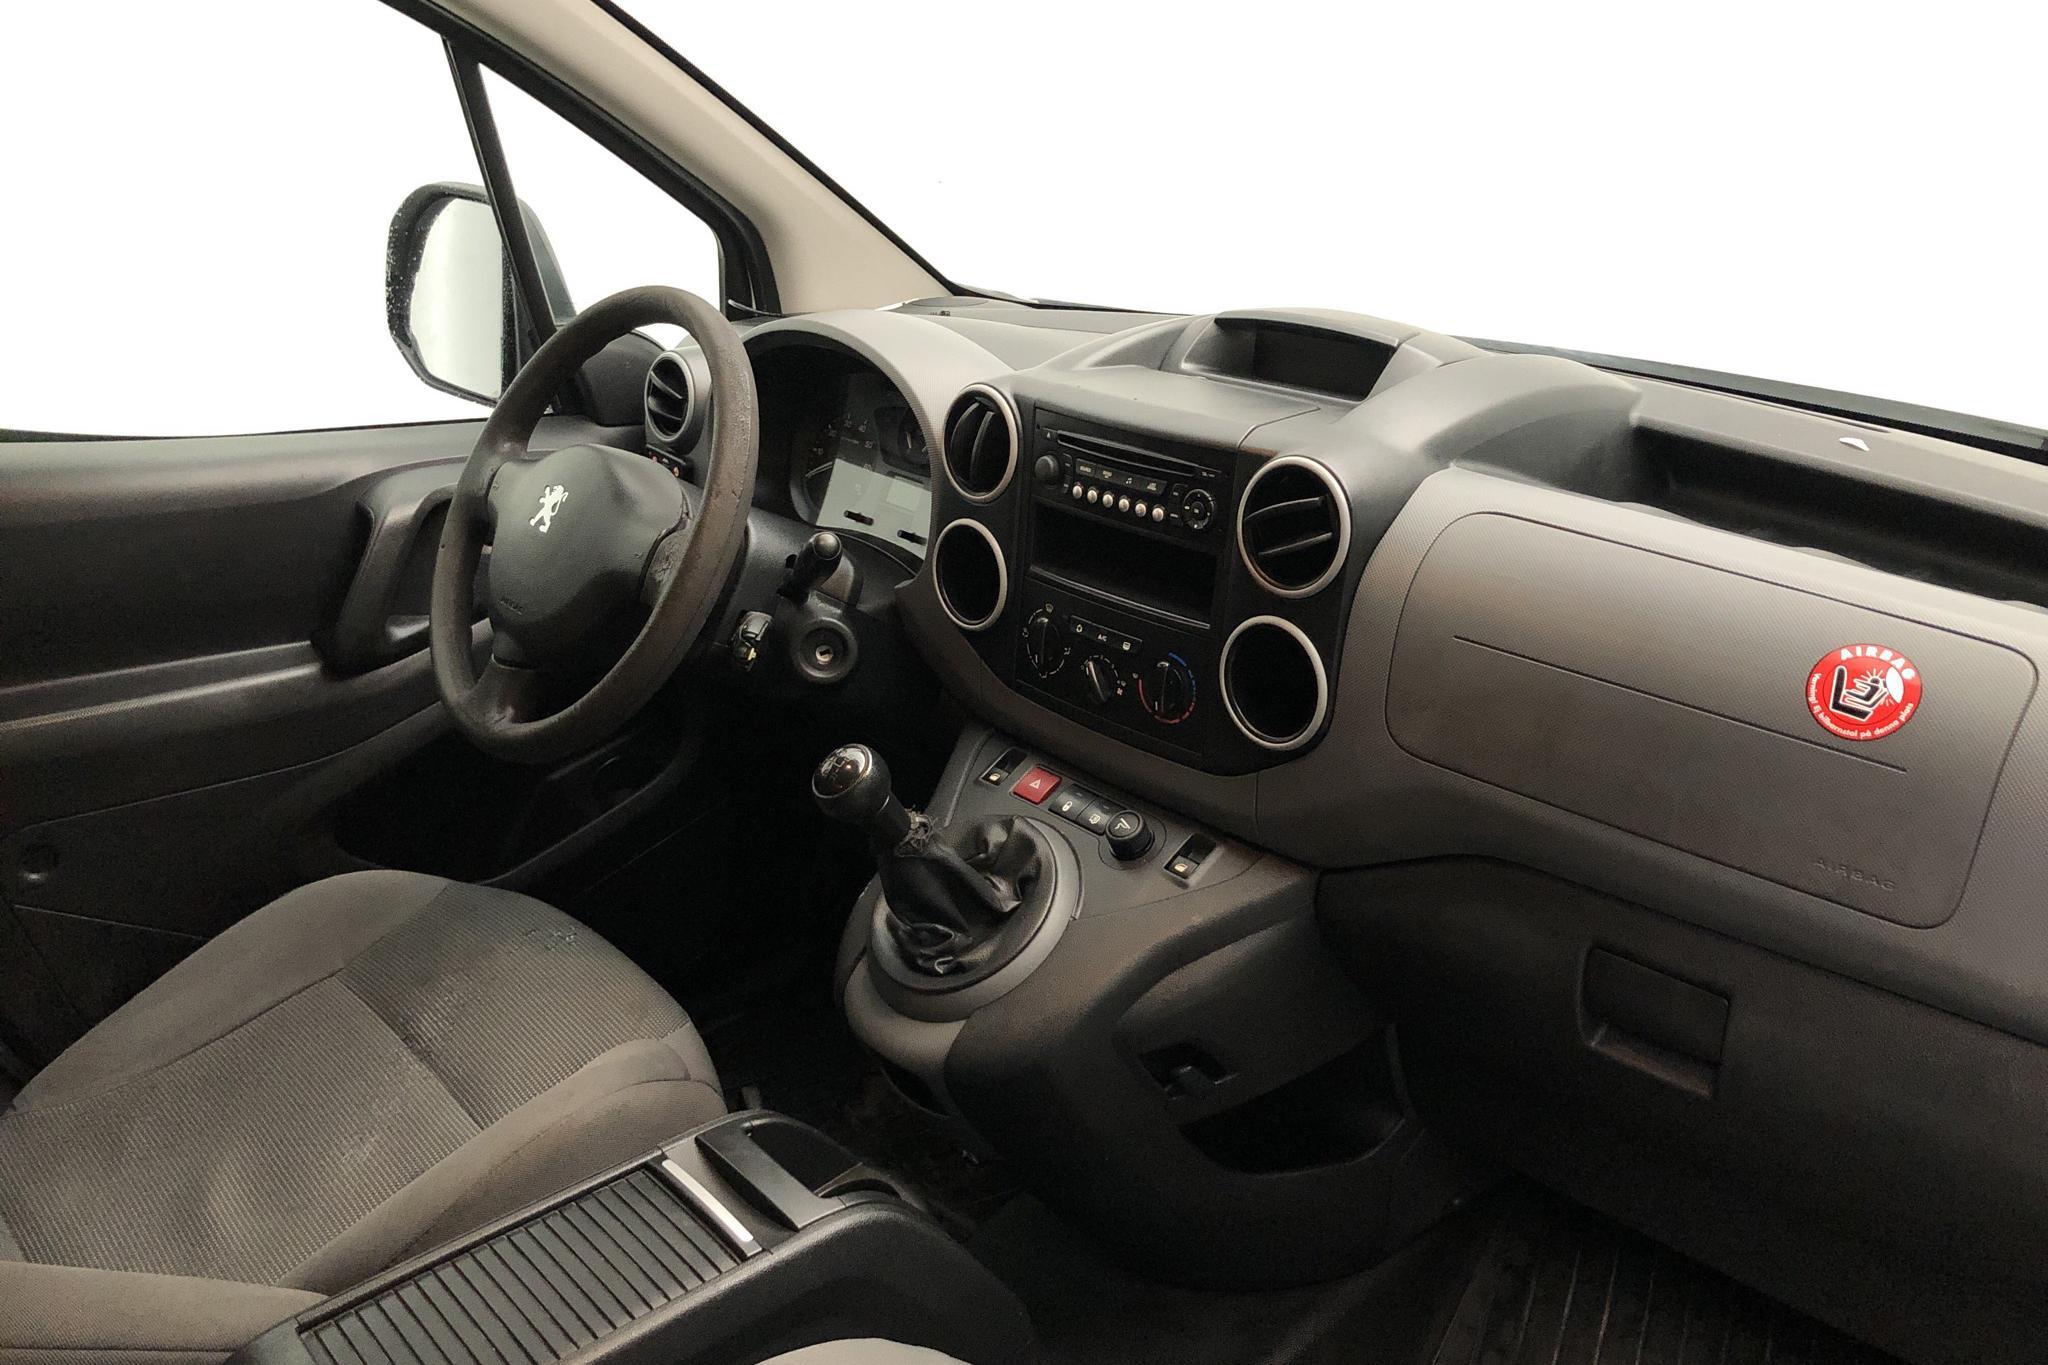 Peugeot Partner 1.6 HDI Skåp (90hk) - 19 438 mil - Manuell - vit - 2011